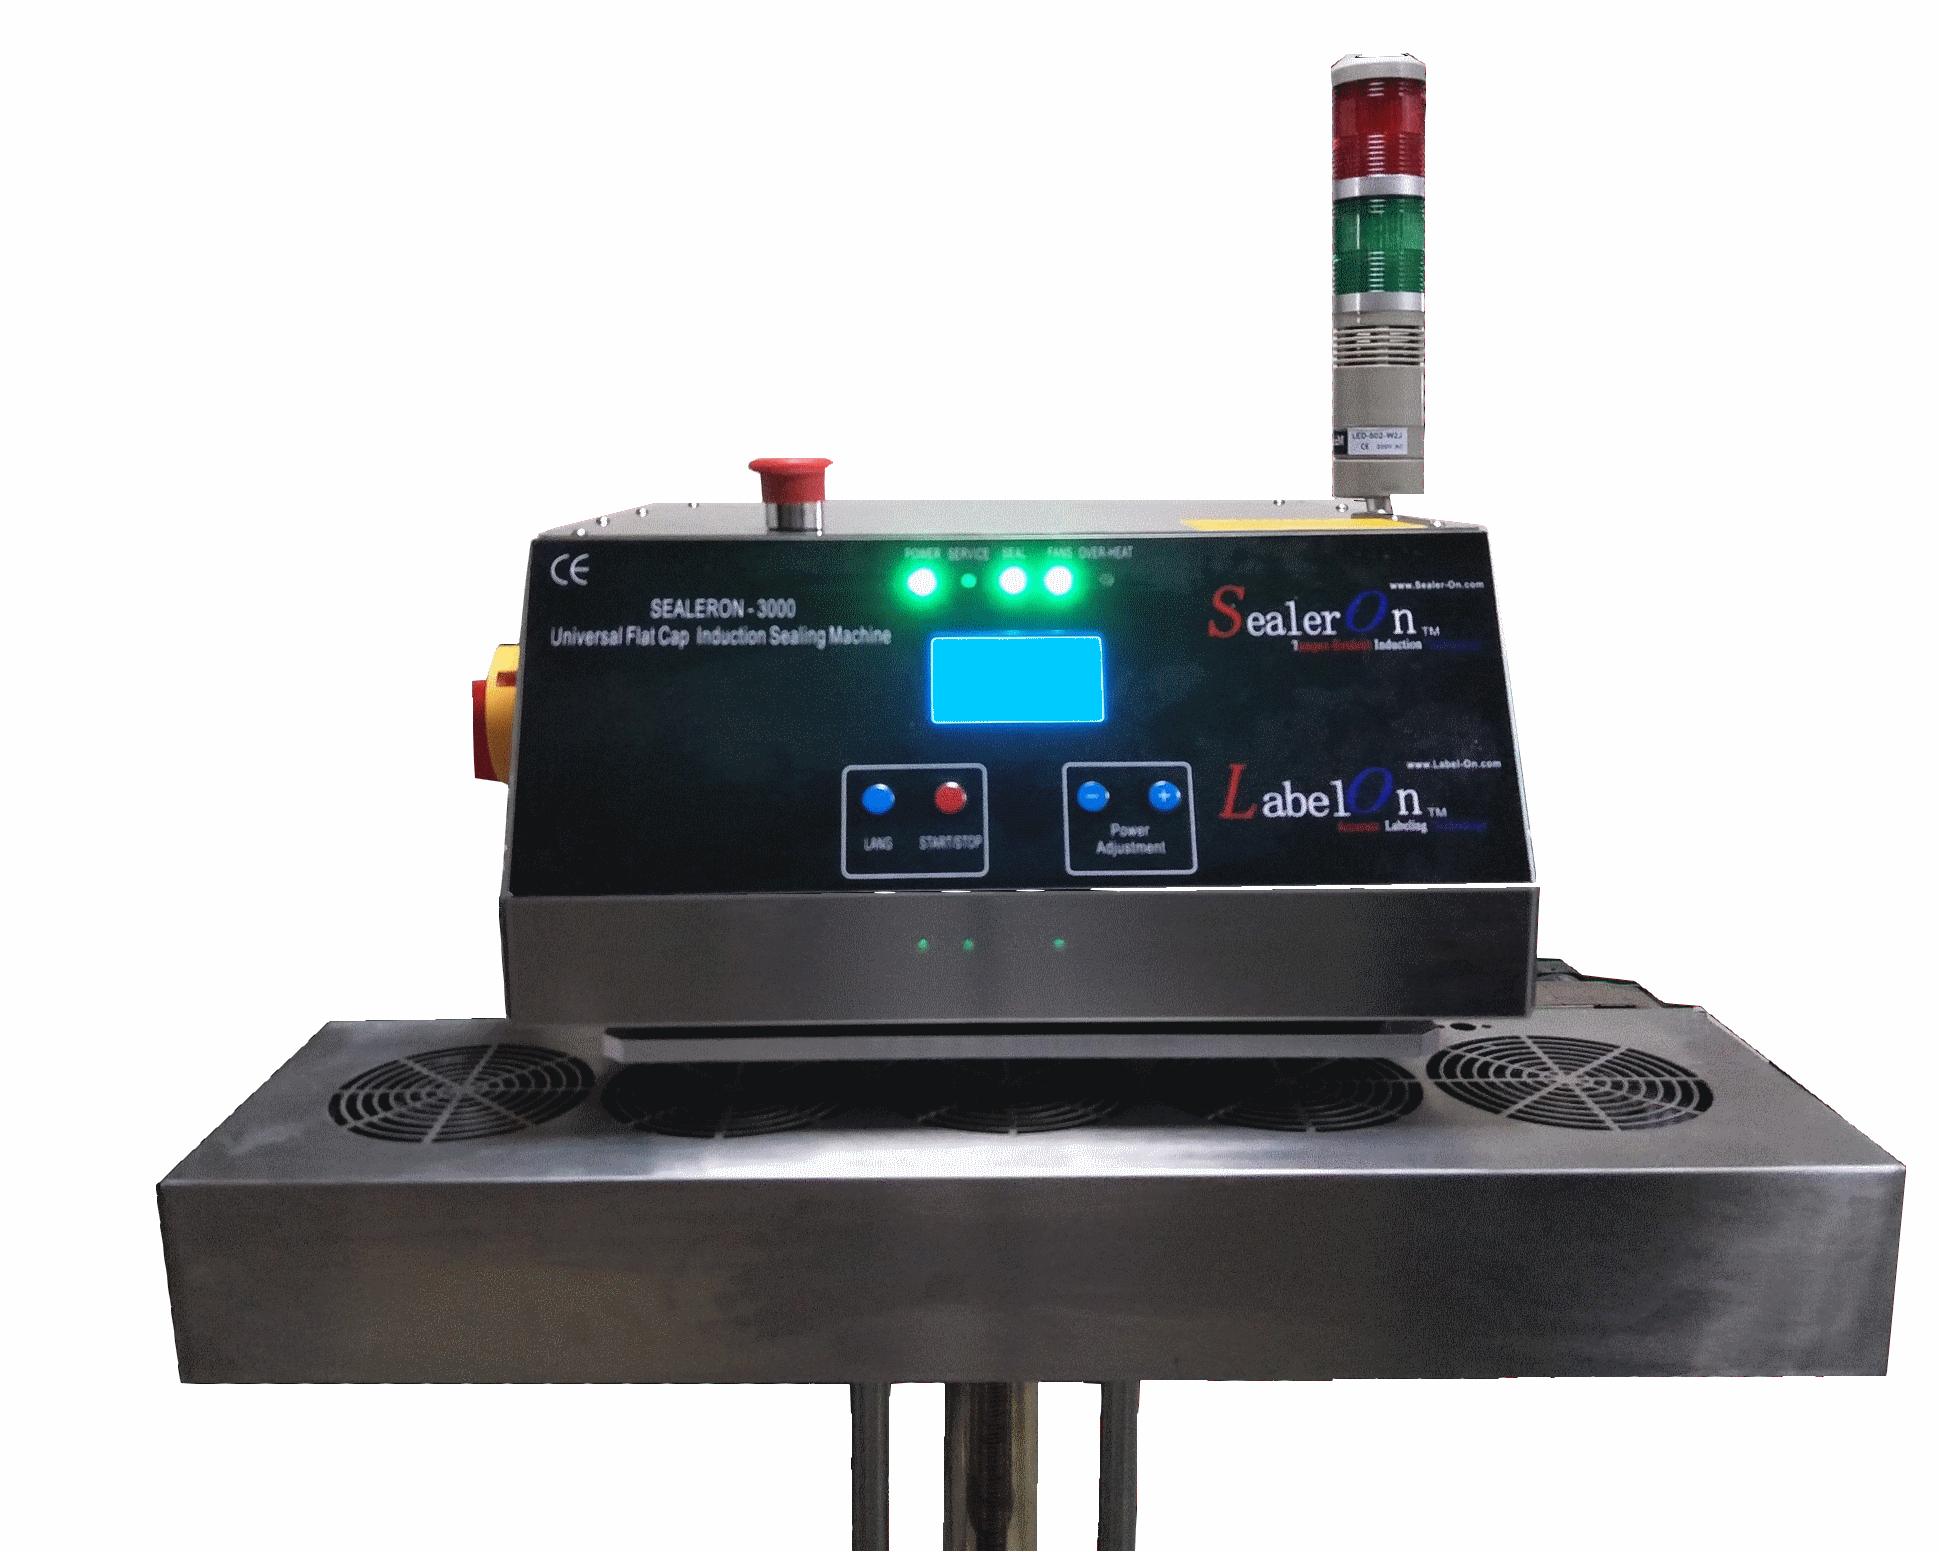 Induction Sealing SealerOn3000